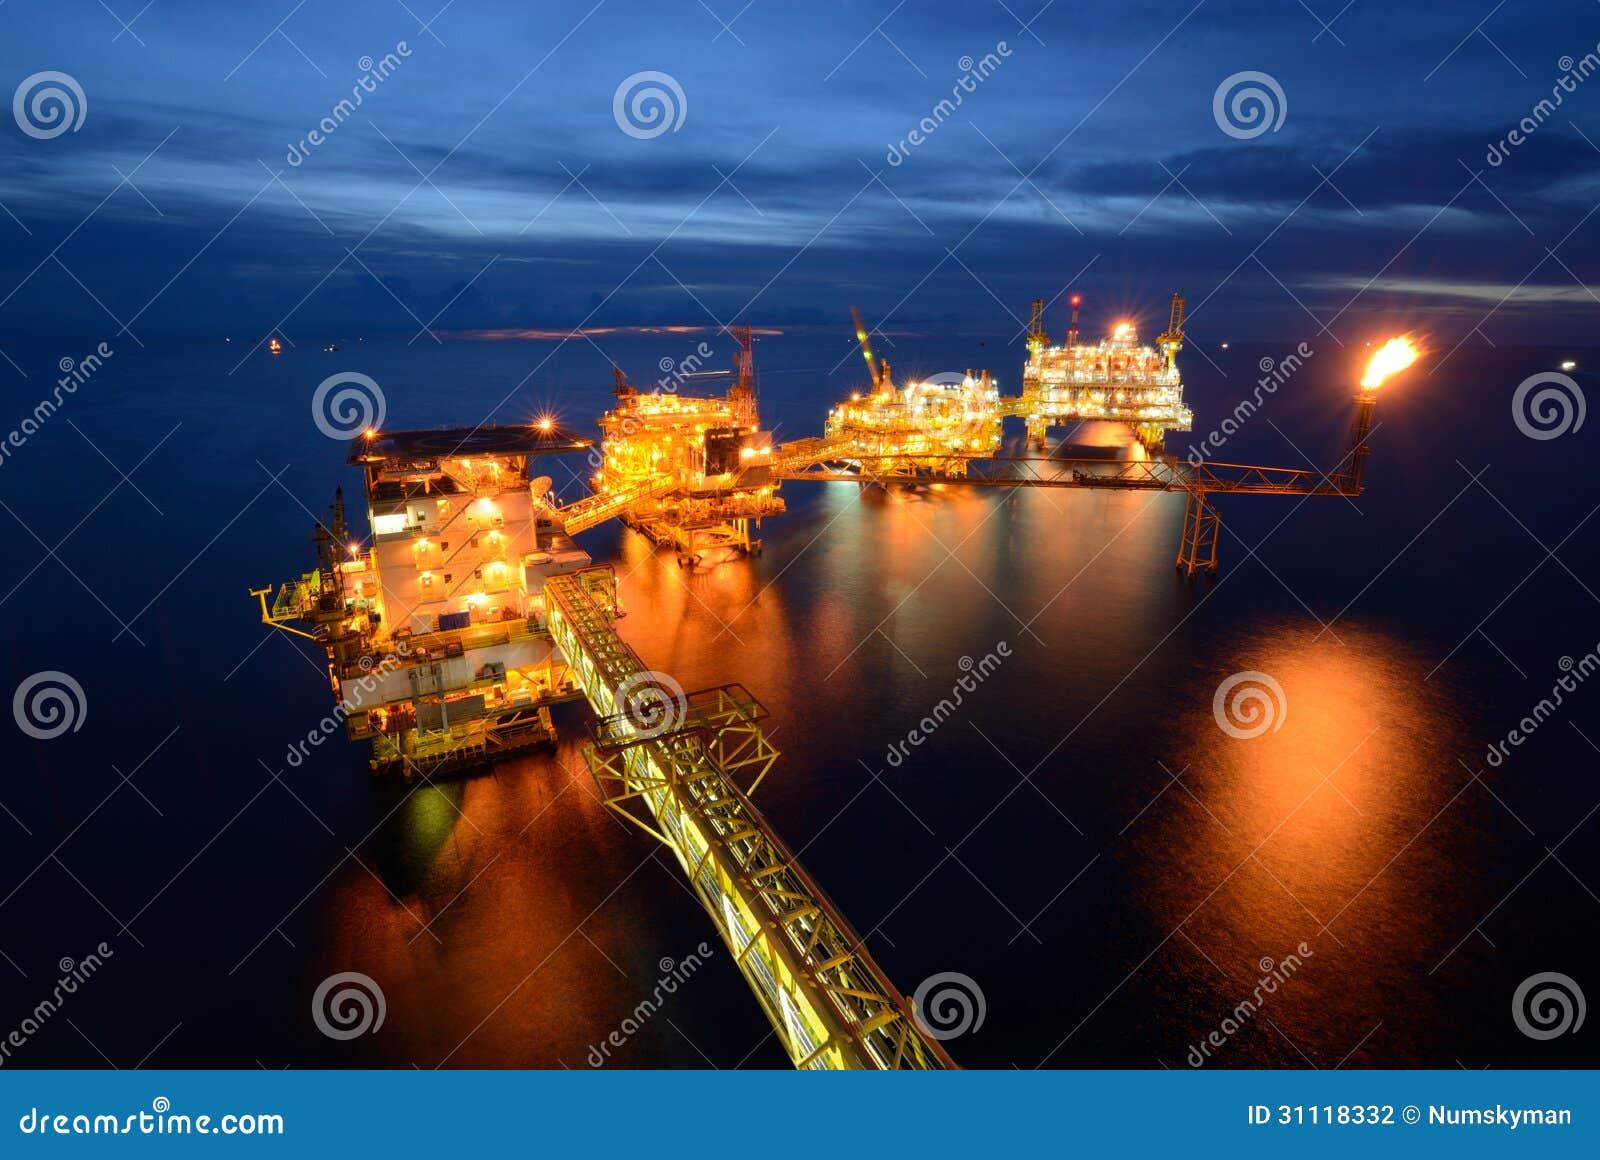 大近海抽油装置钻井平台在晚上